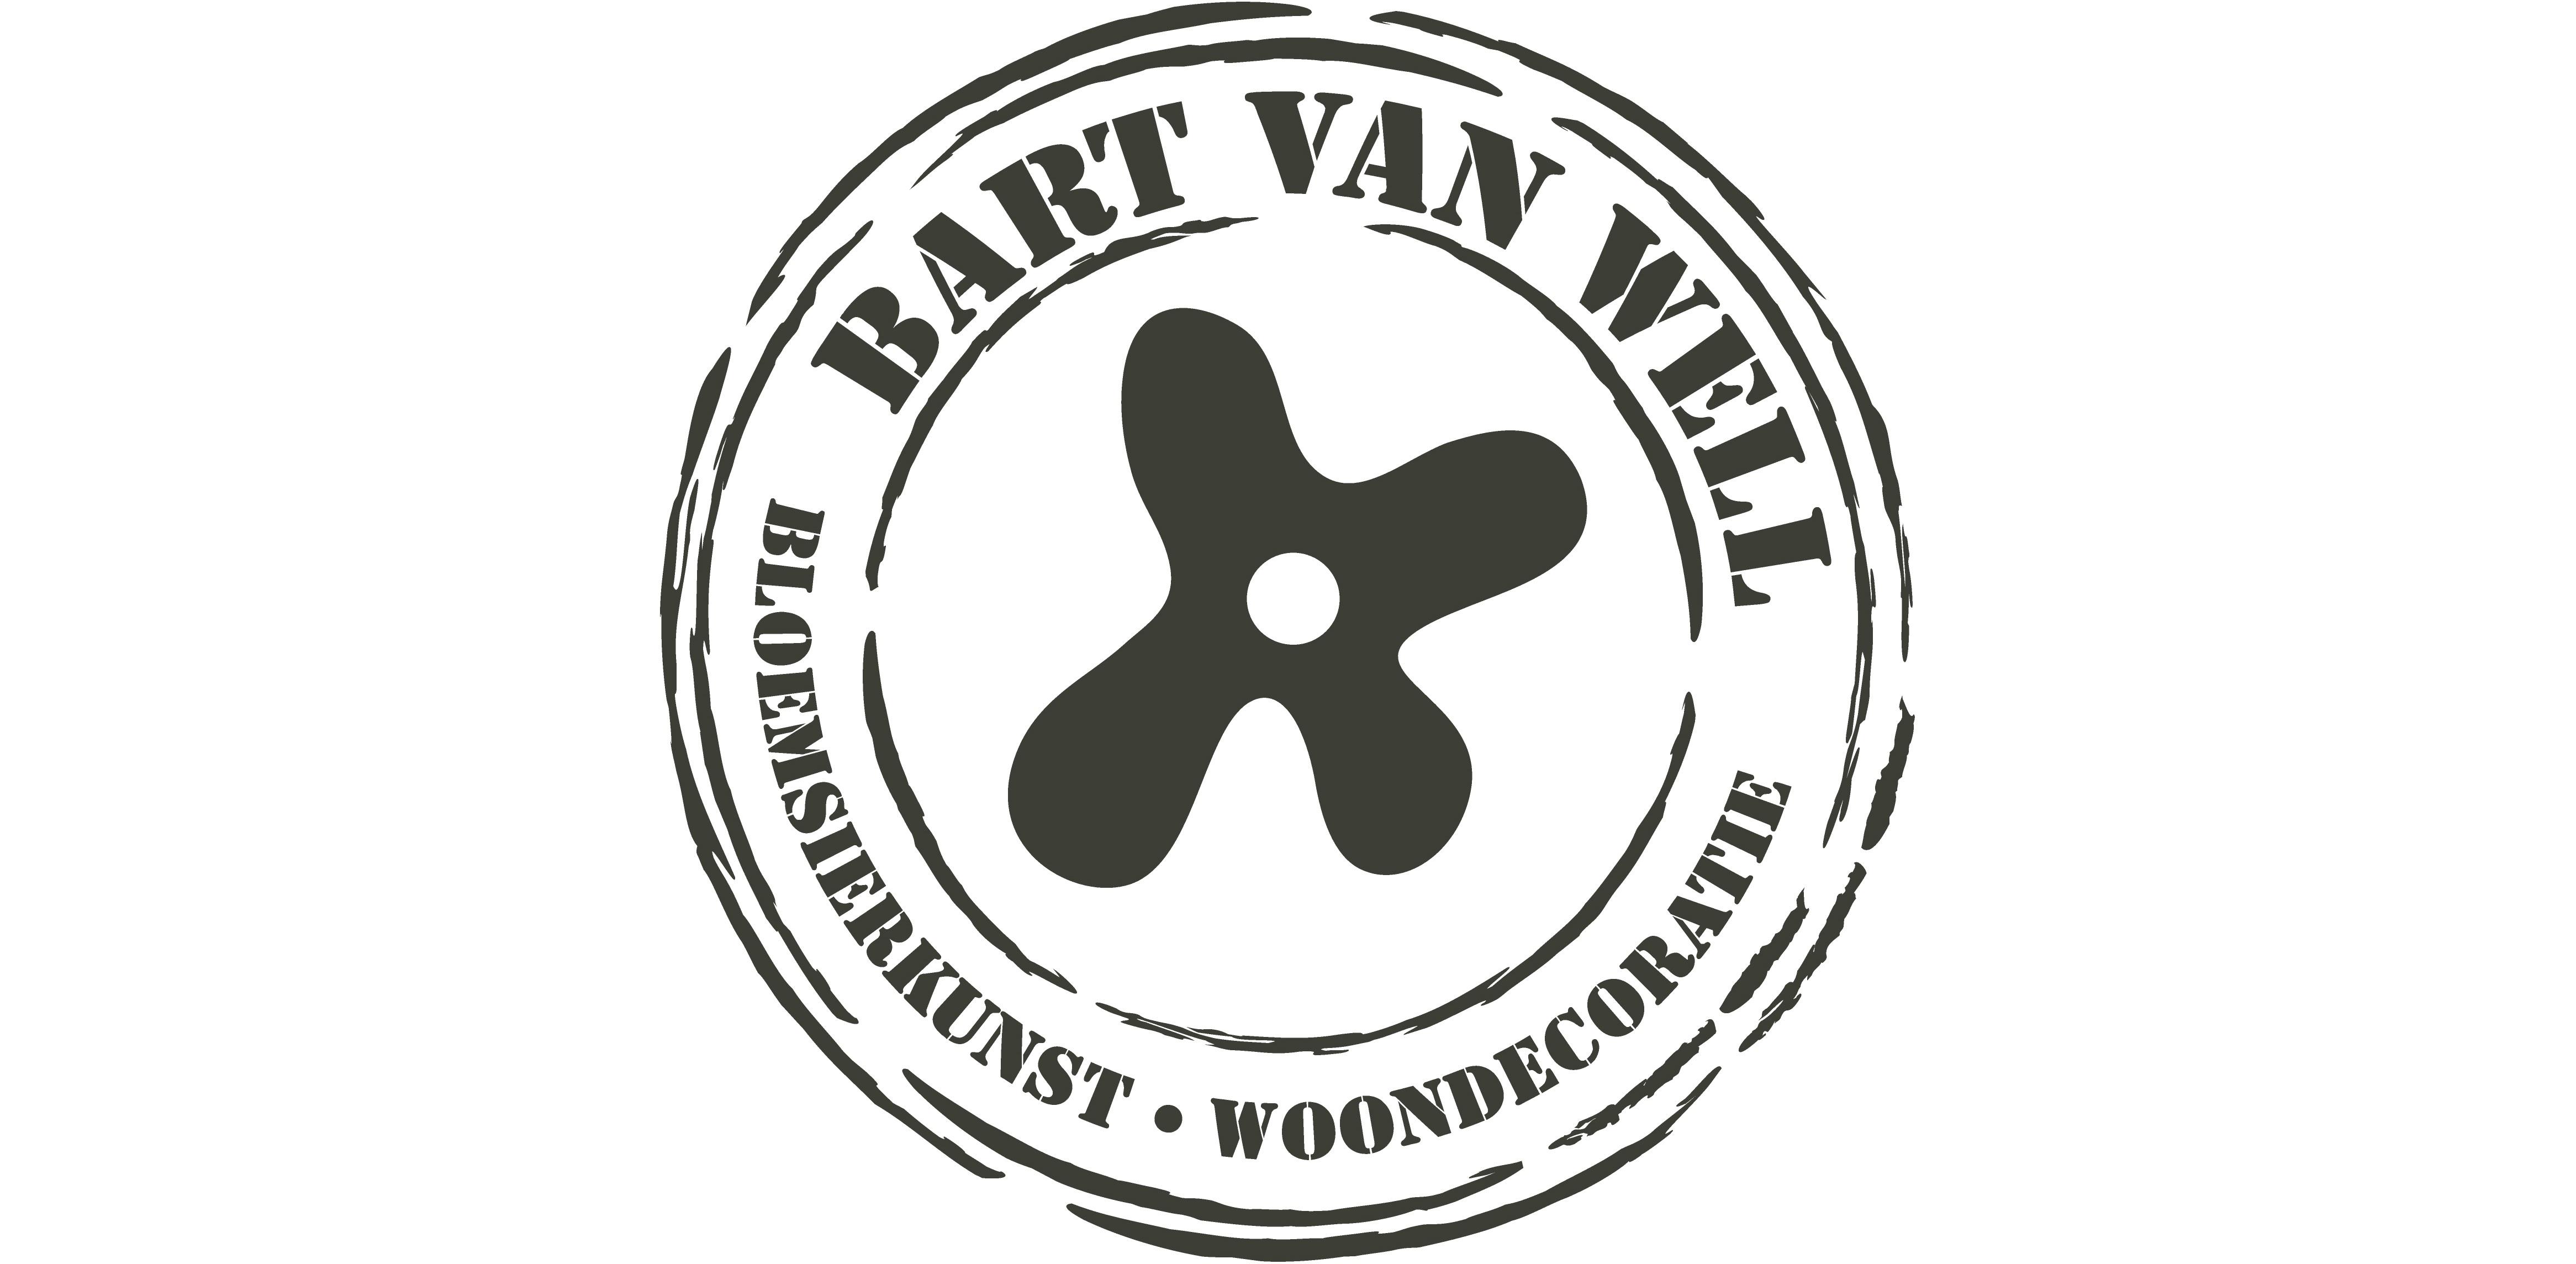 Bart van Well